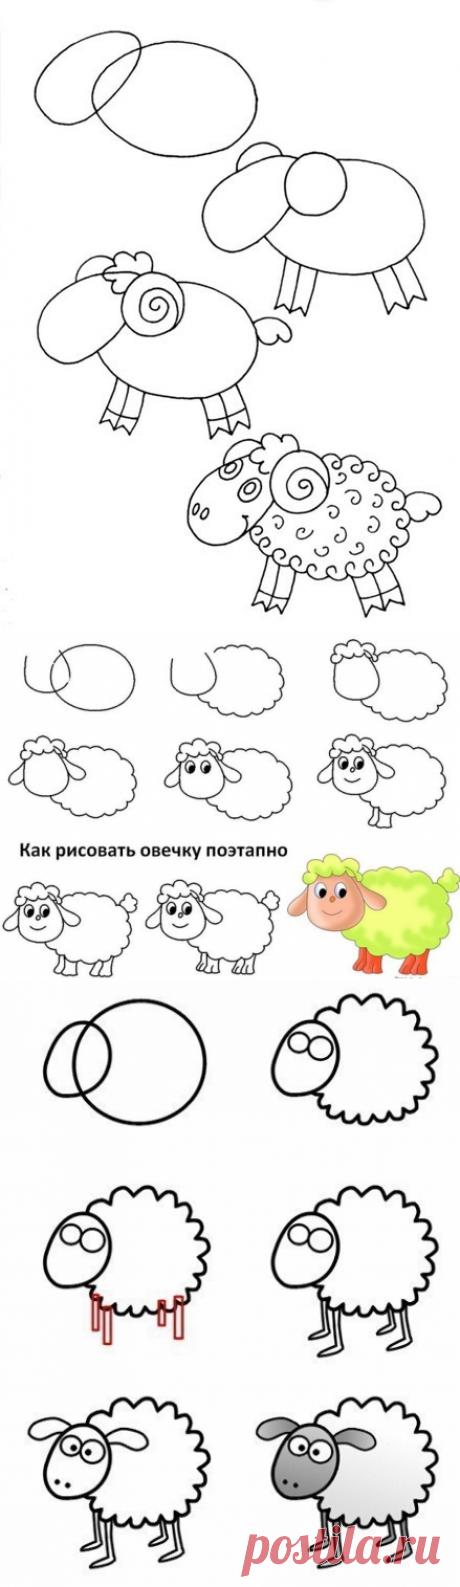 Как нарисовать овечку - Поделки с детьми | Деткиподелки